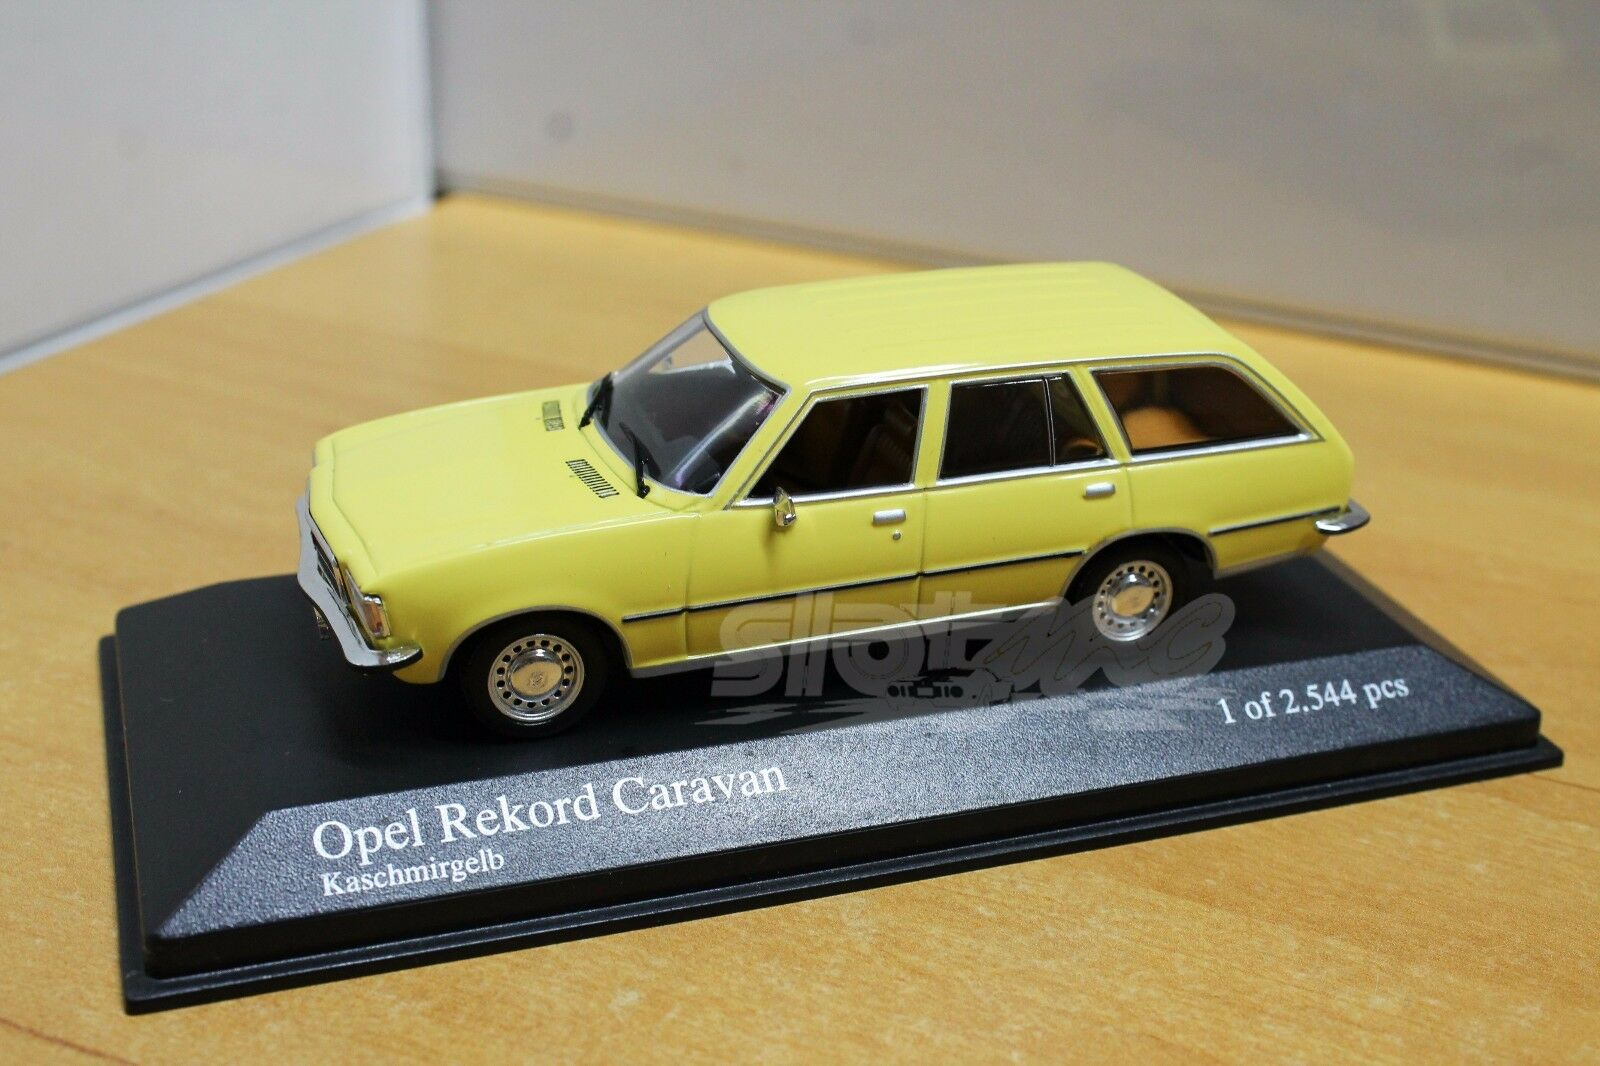 MINICHAMPS 400044010 Opel Rekord Caravan 1975 Yellow 1 43  NEW